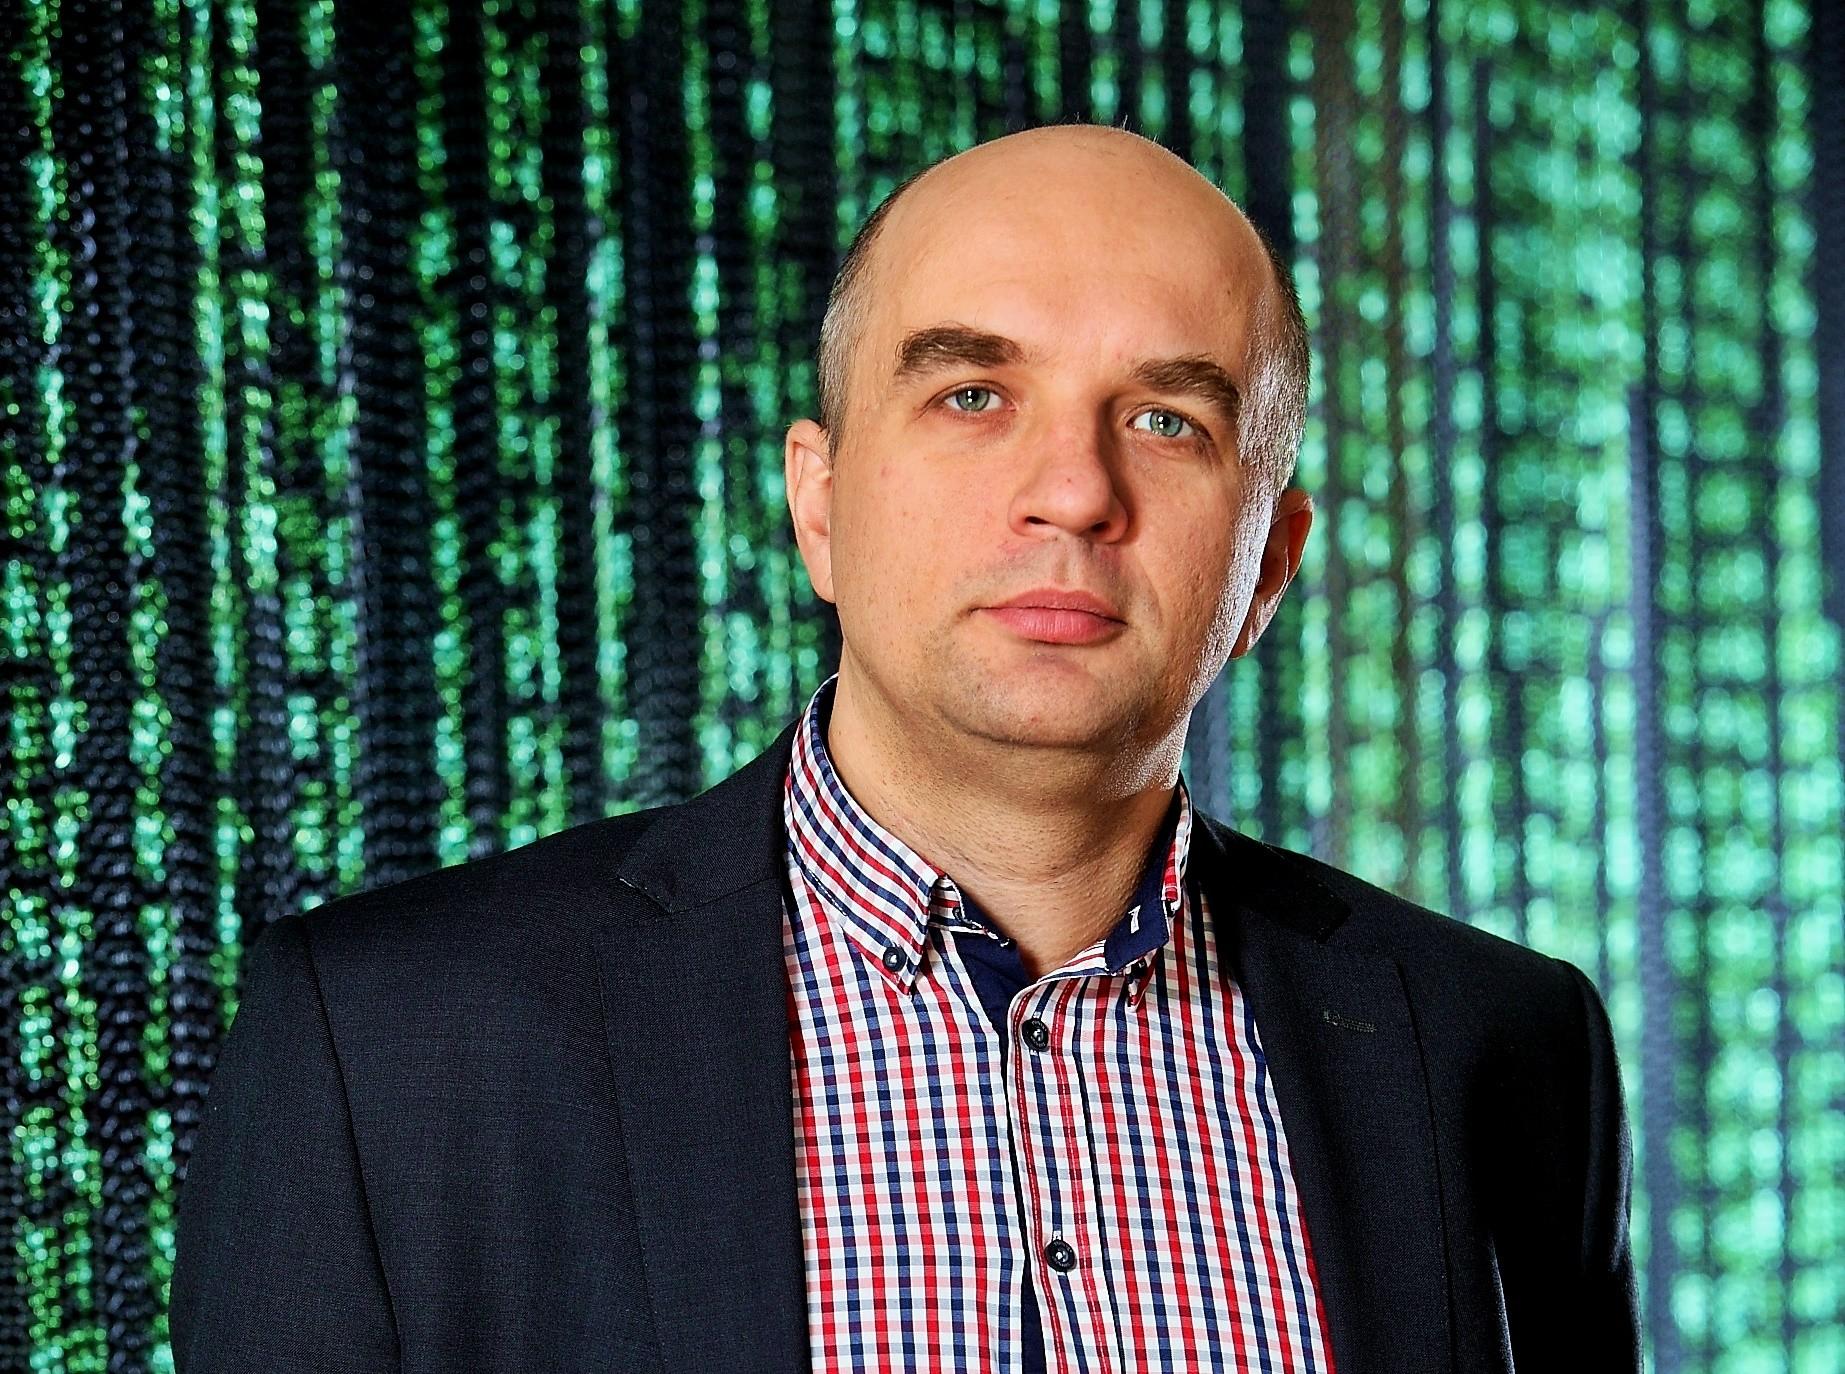 Tomek Radkiewicz